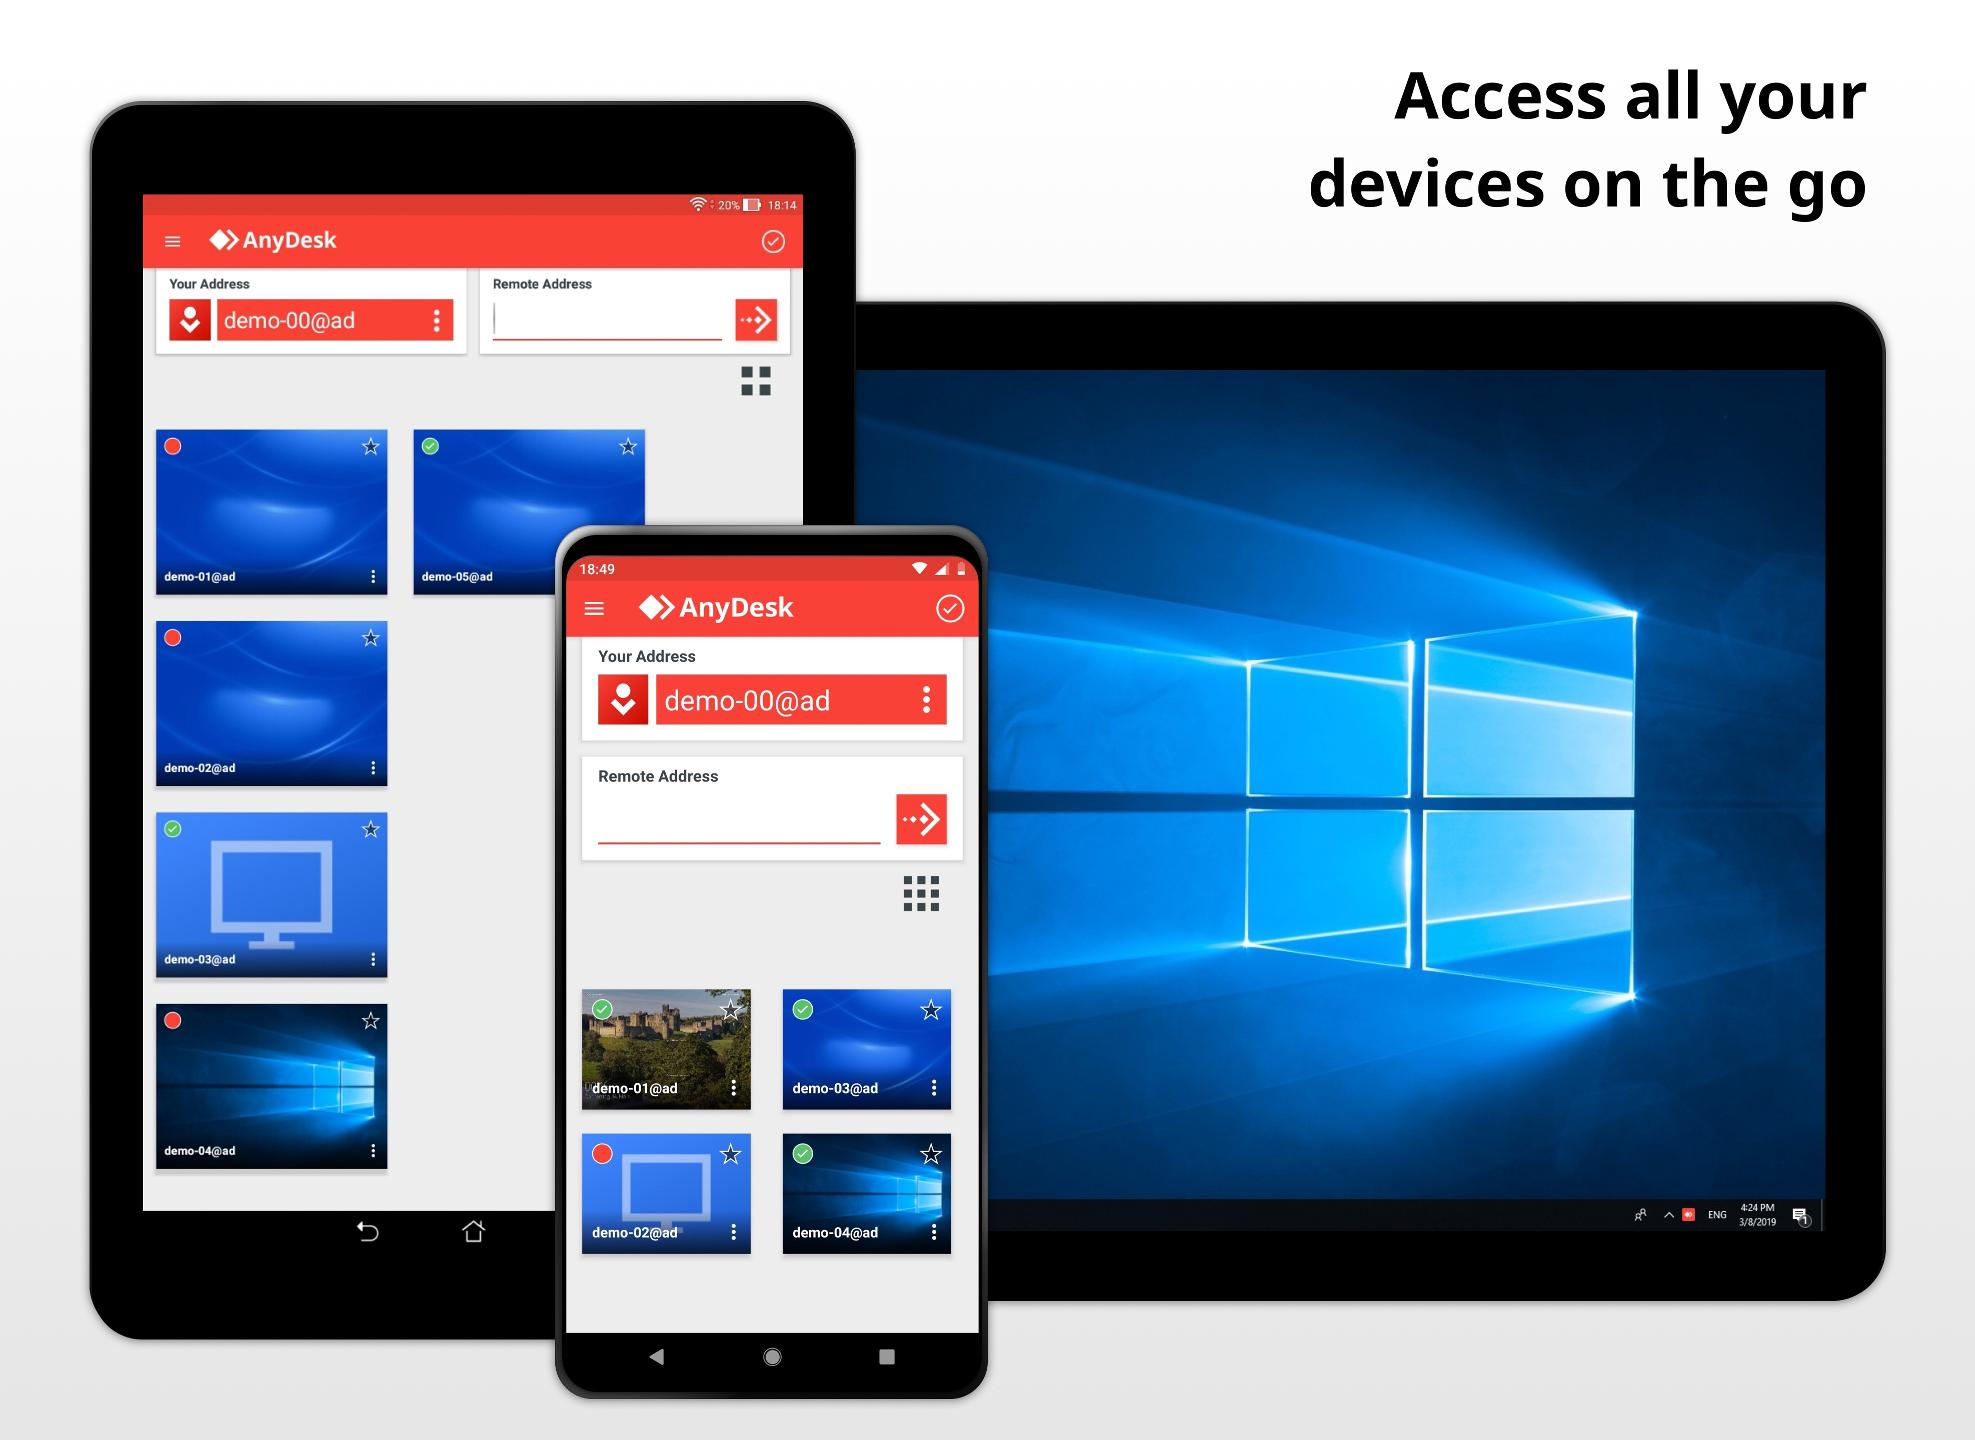 S aplikací od AnyDesk můžete propojit počítač s mobilem nebo tabletem. Synchronizace funguje skvěle, můžete přenášet obraz, zvuk i na dálku ovládat